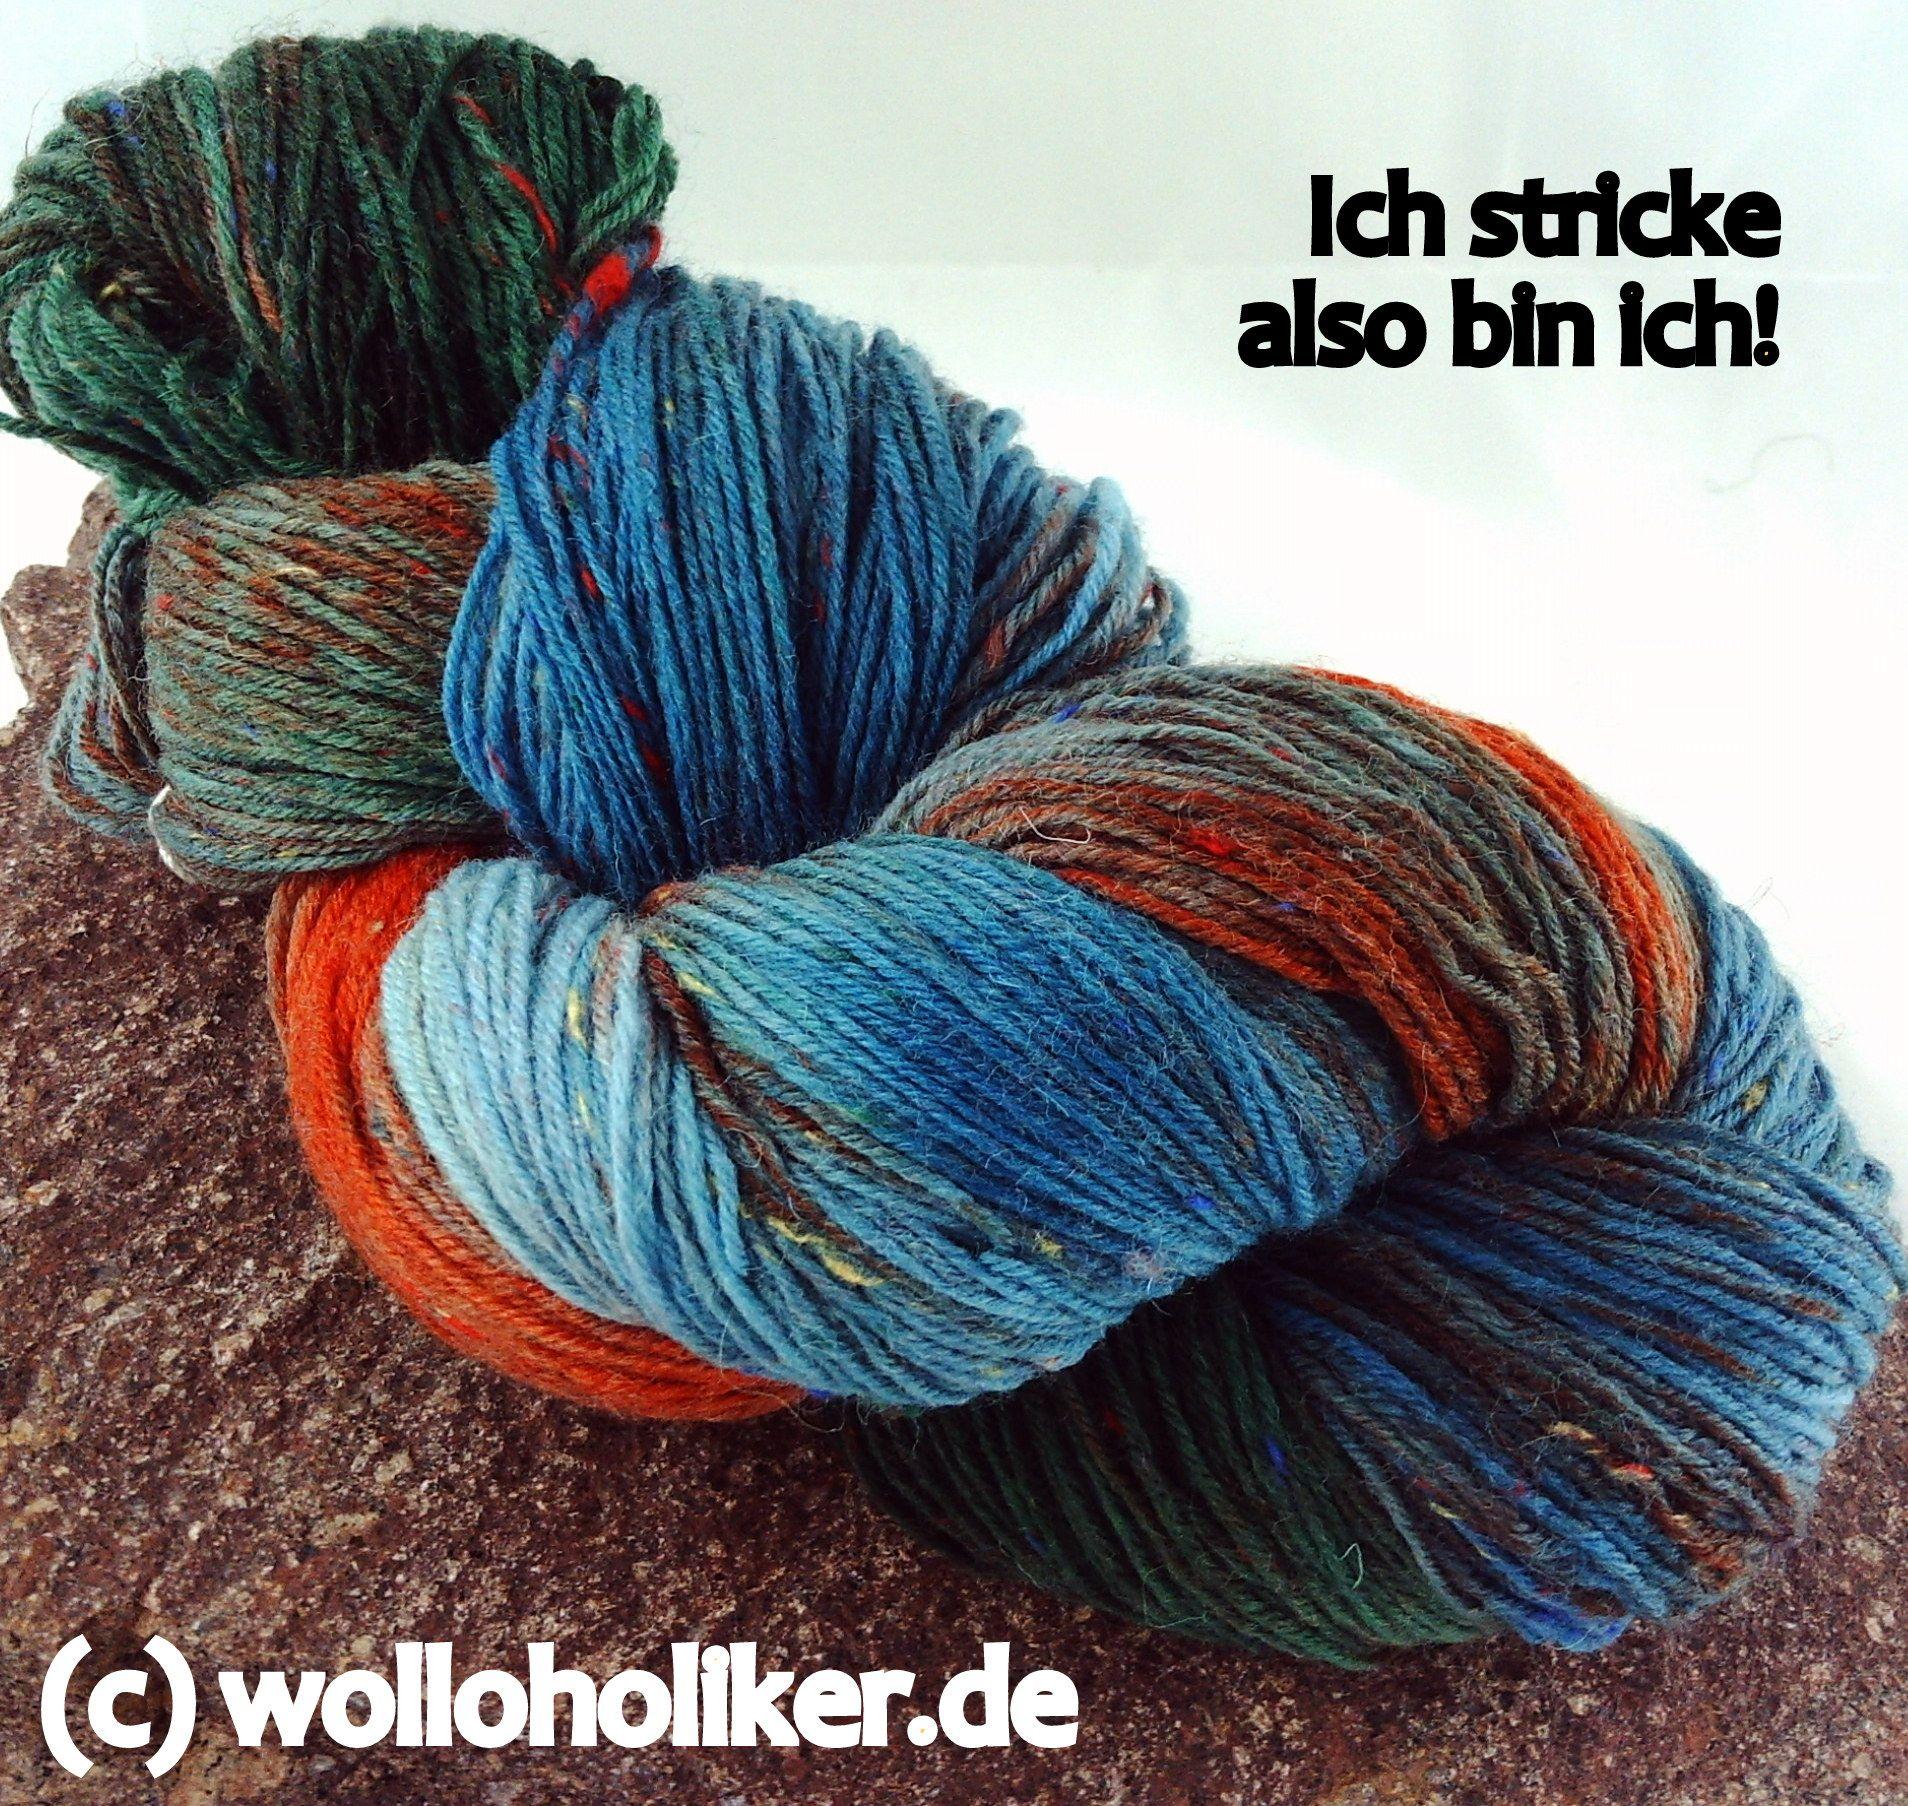 Handgefärbte Sockenwolle von Wolloholiker.de | Stricksplitter ...